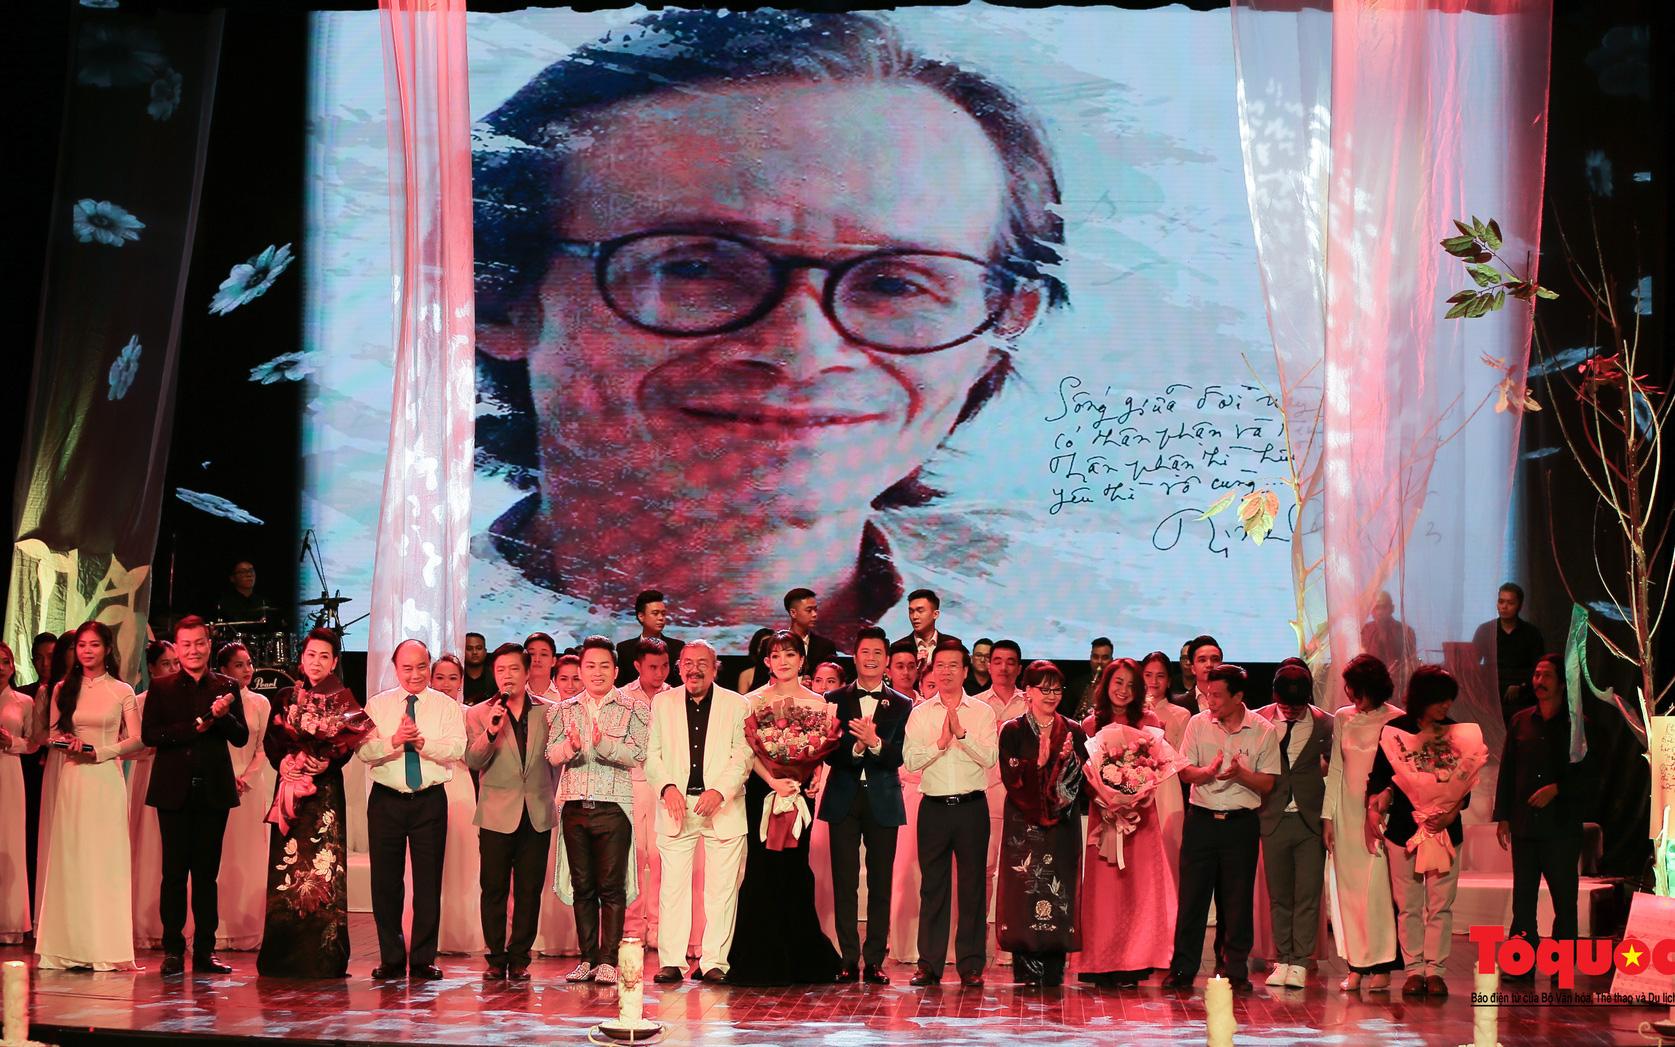 Nhiều cung bậc cảm xúc trong đêm nhạc 'Biển nhớ' tưởng nhớ cố nhạc sĩ Trịnh Công Sơn